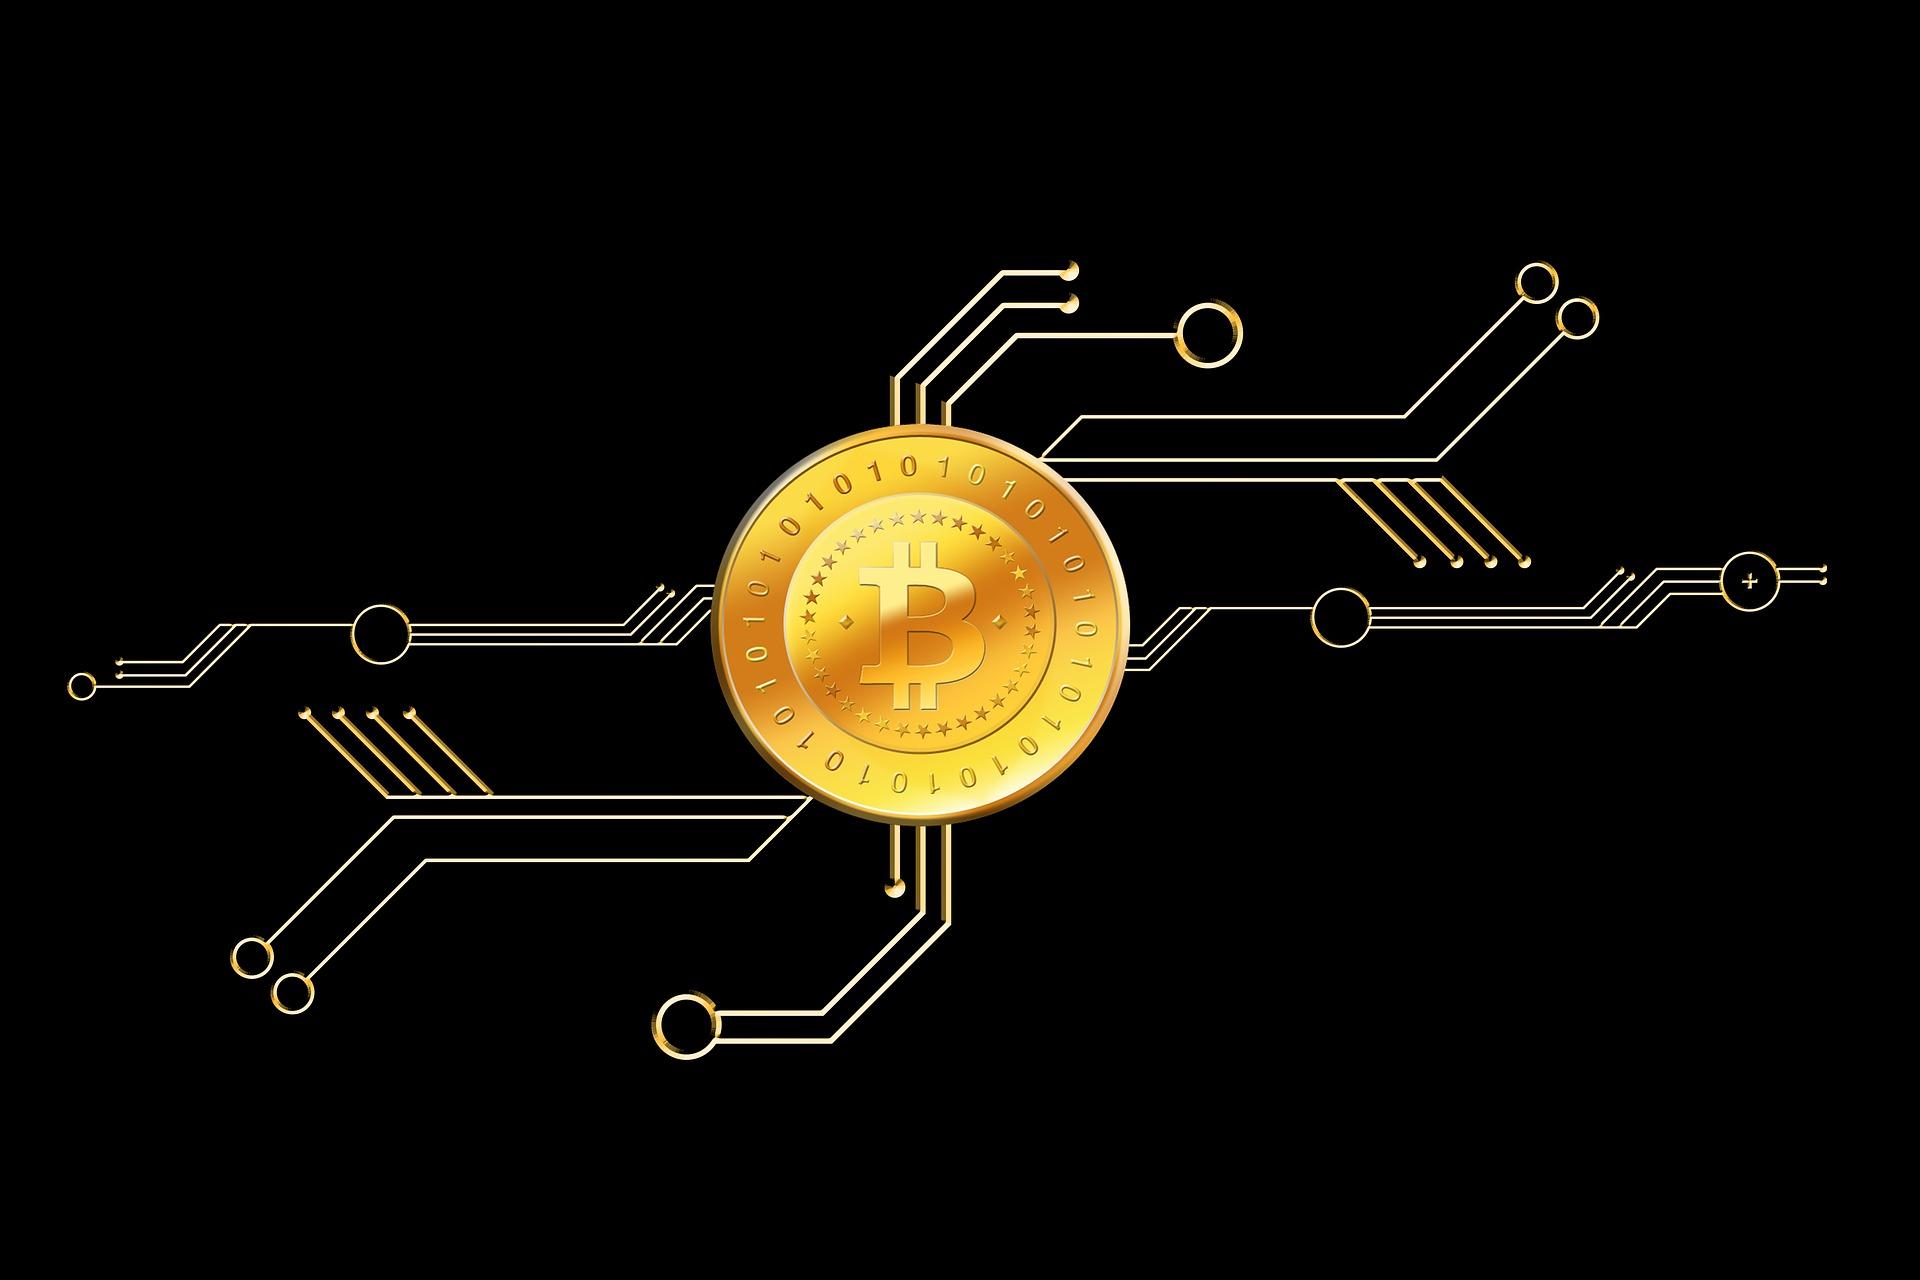 robot commerciale bitcoin gratis bitcoin trading su tsx